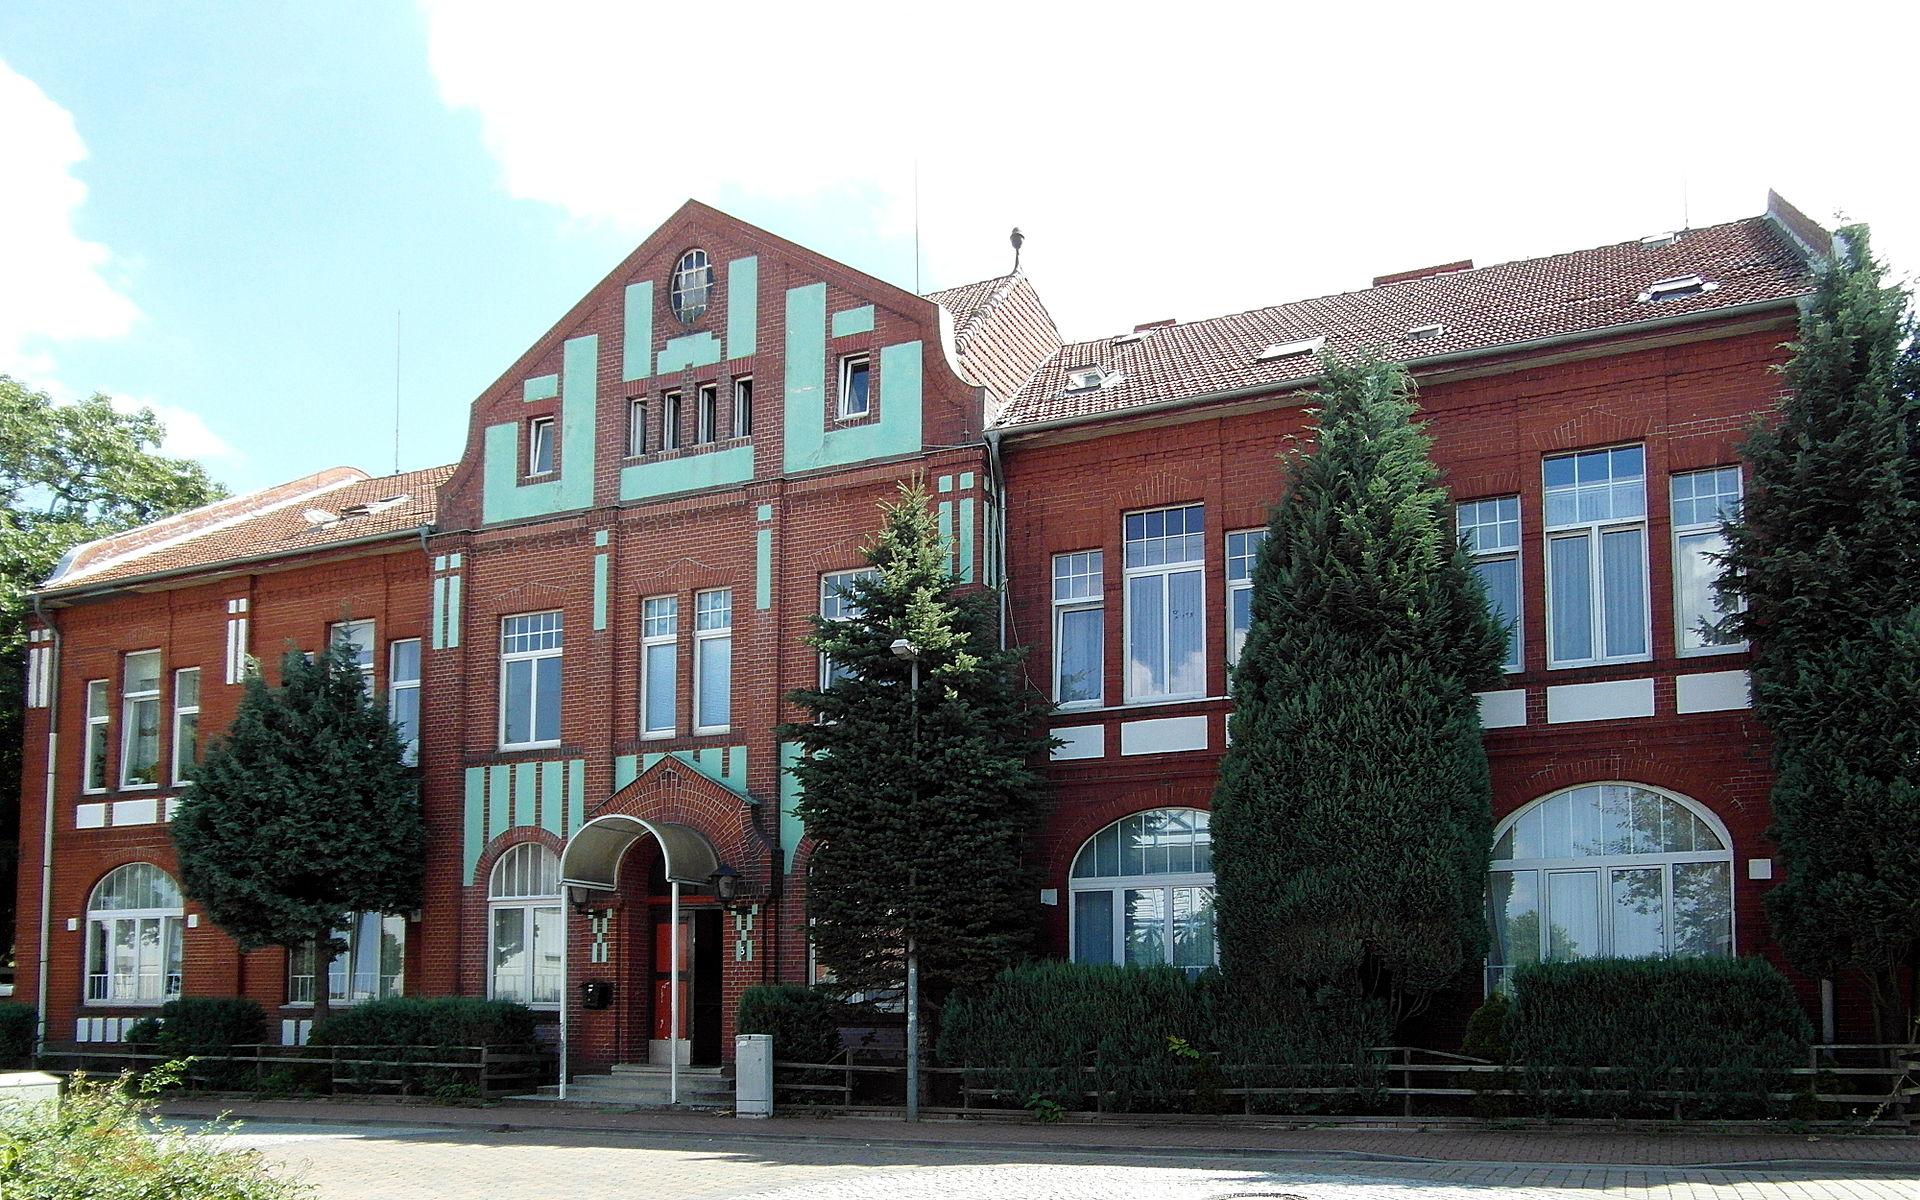 Bild Museum für Kali- und Salzbergbau Ronnenberg